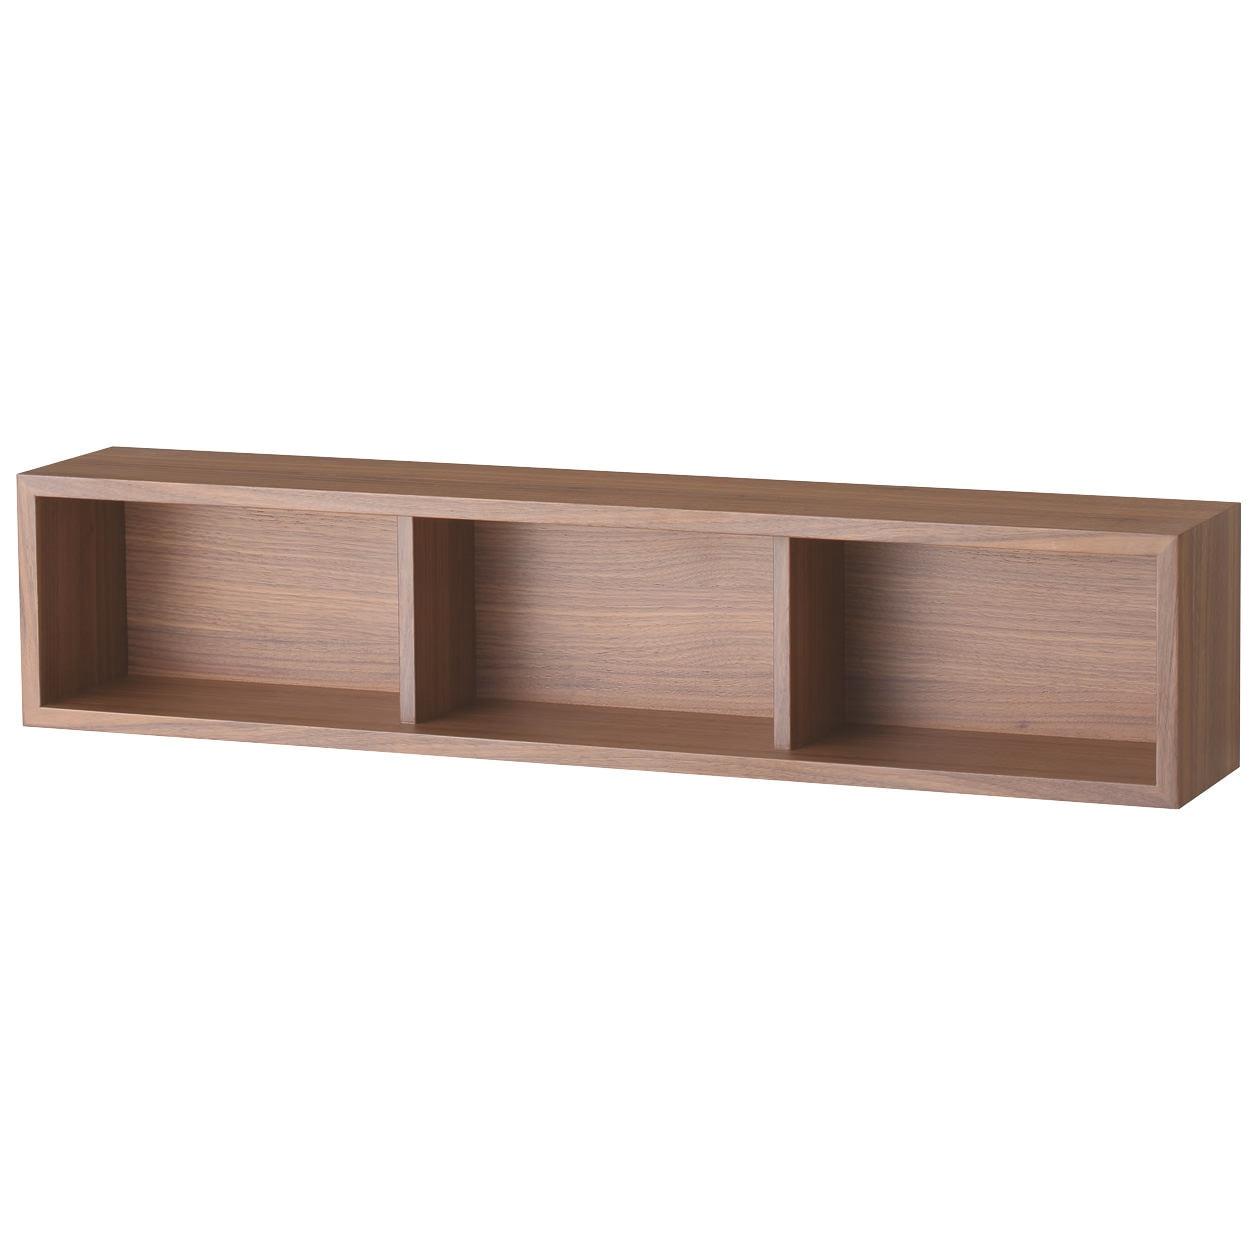 壁に付けられる家具・箱・幅88cm・ウォールナット材の写真